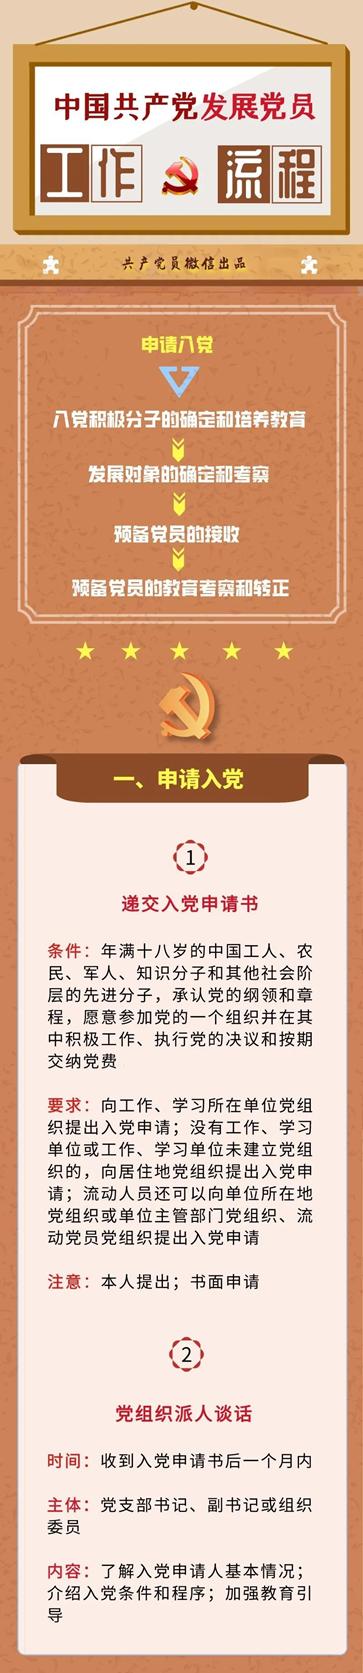 秒懂,如何加入中国共产党?